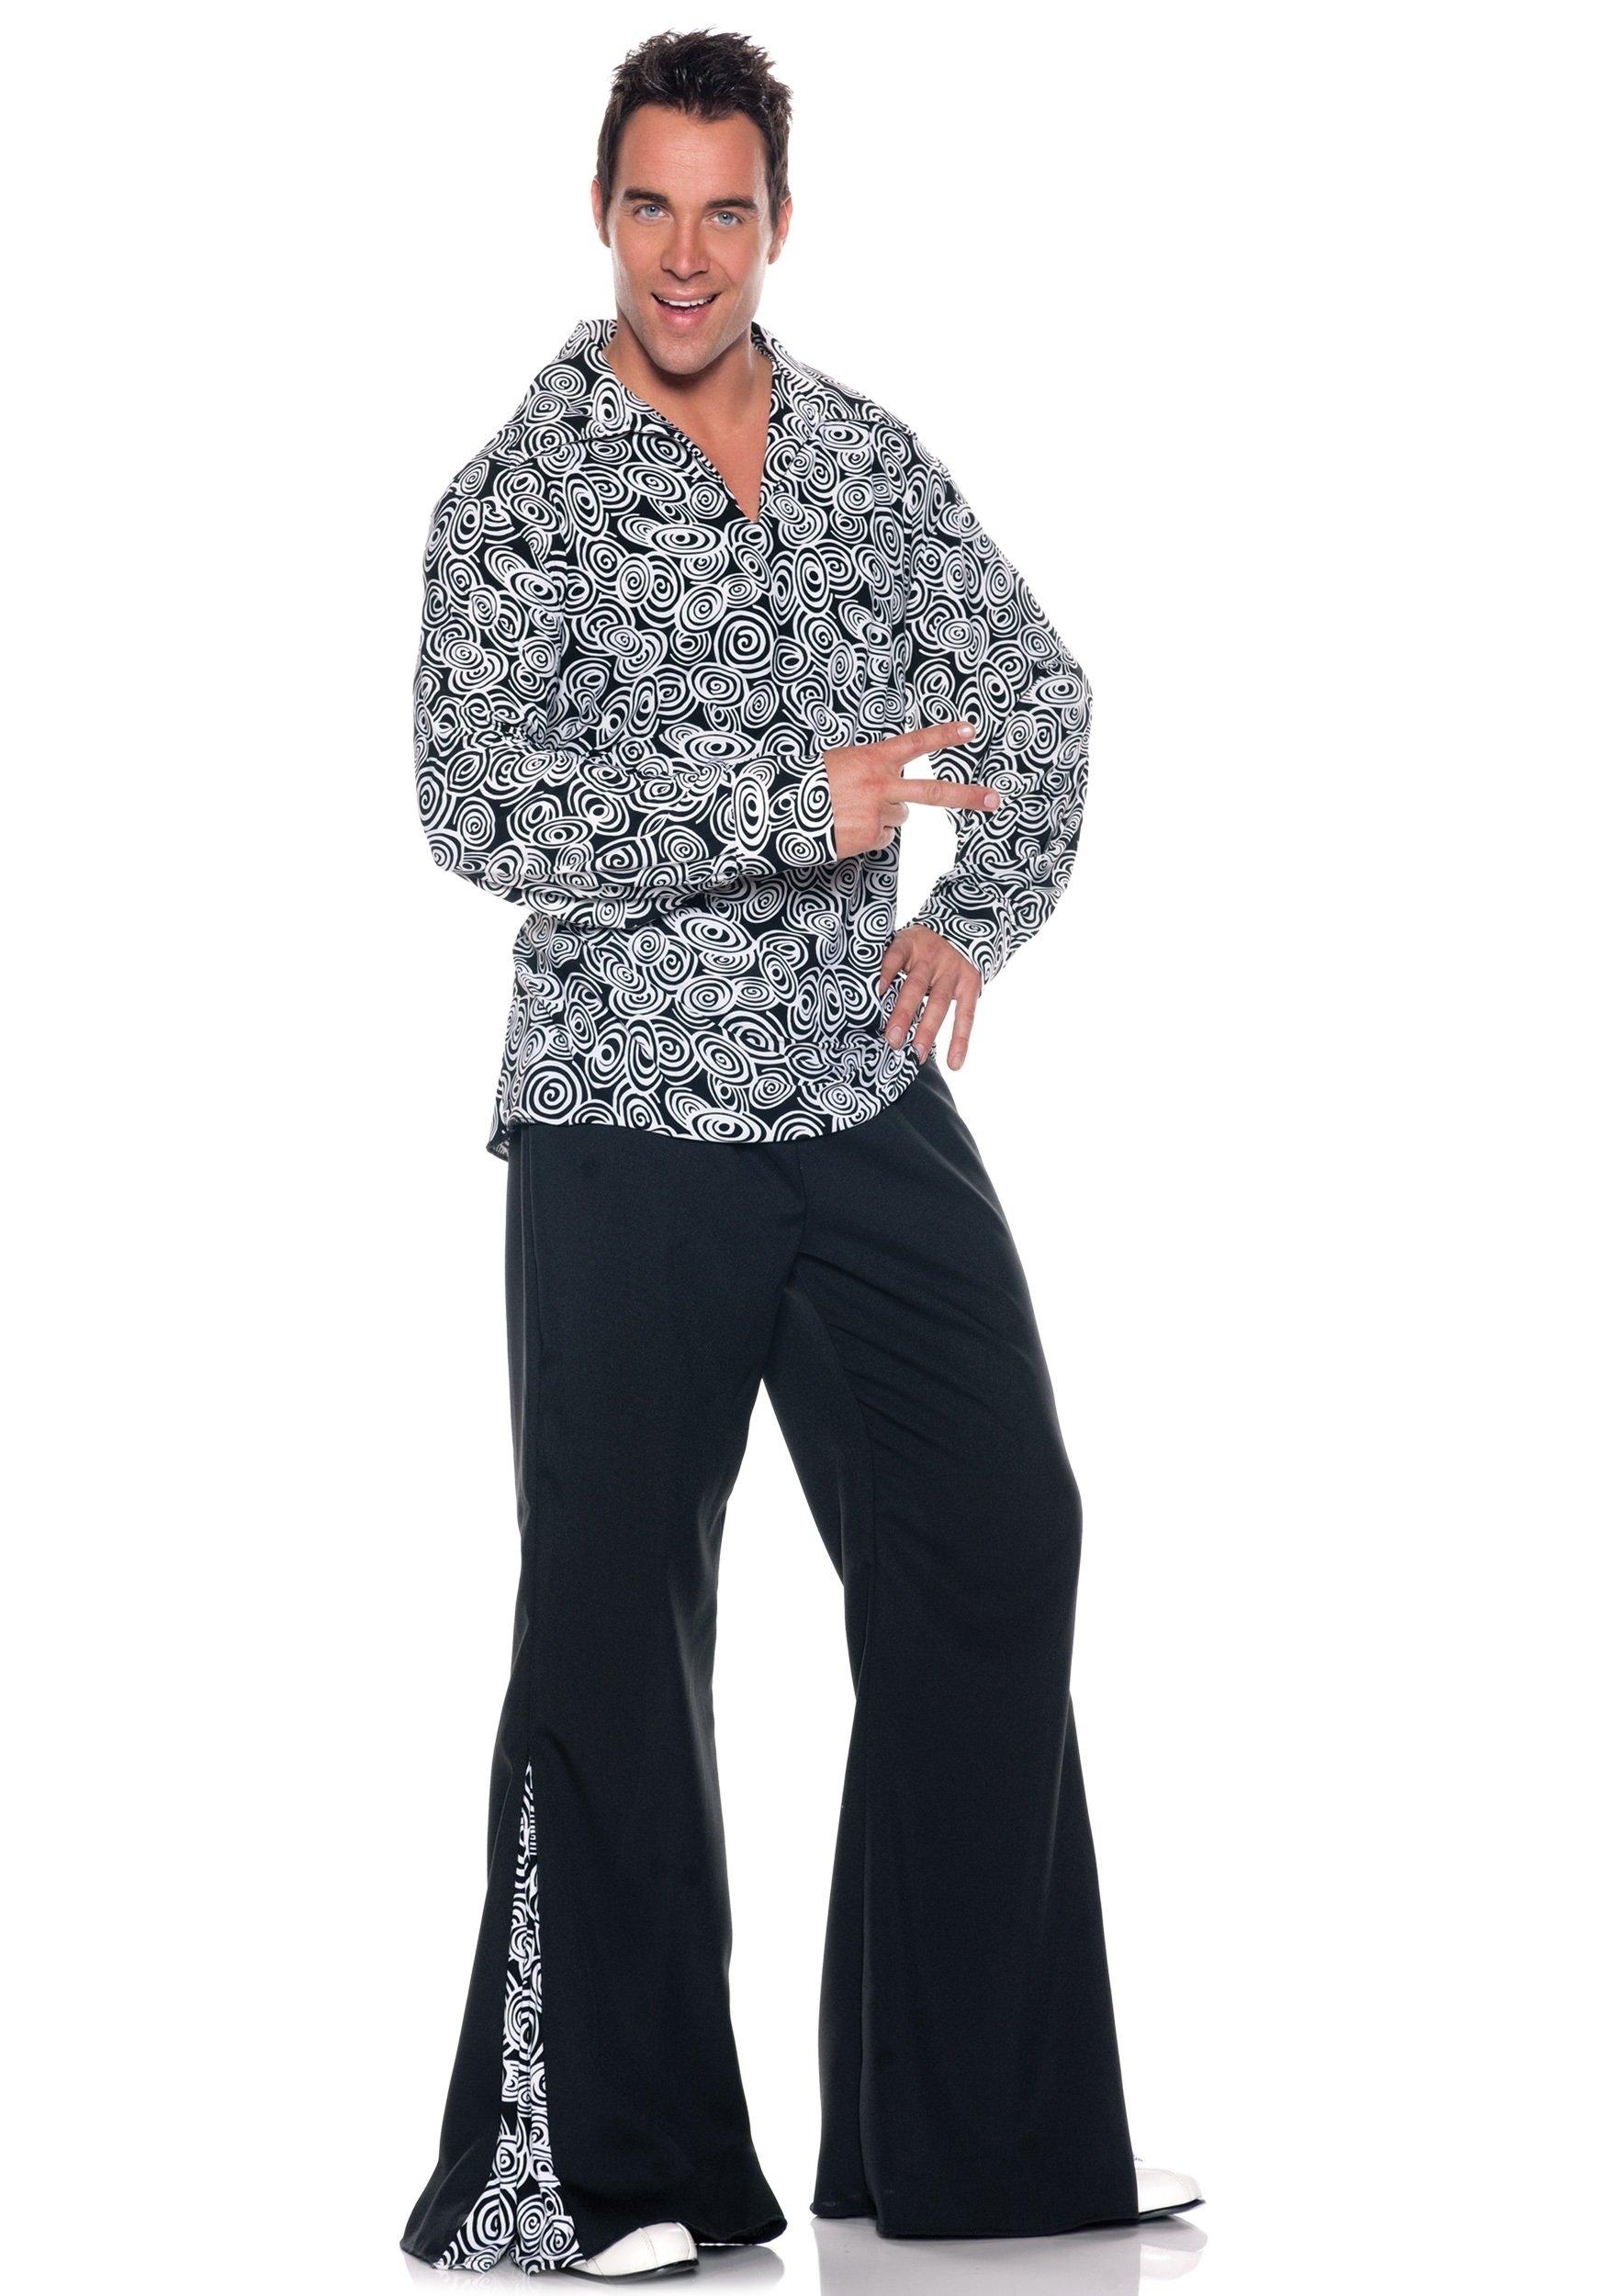 10 Elegant 80S Costume Ideas For Men plus size funky disco costume  sc 1 th 268 & 10 Elegant 80S Costume Ideas For Men